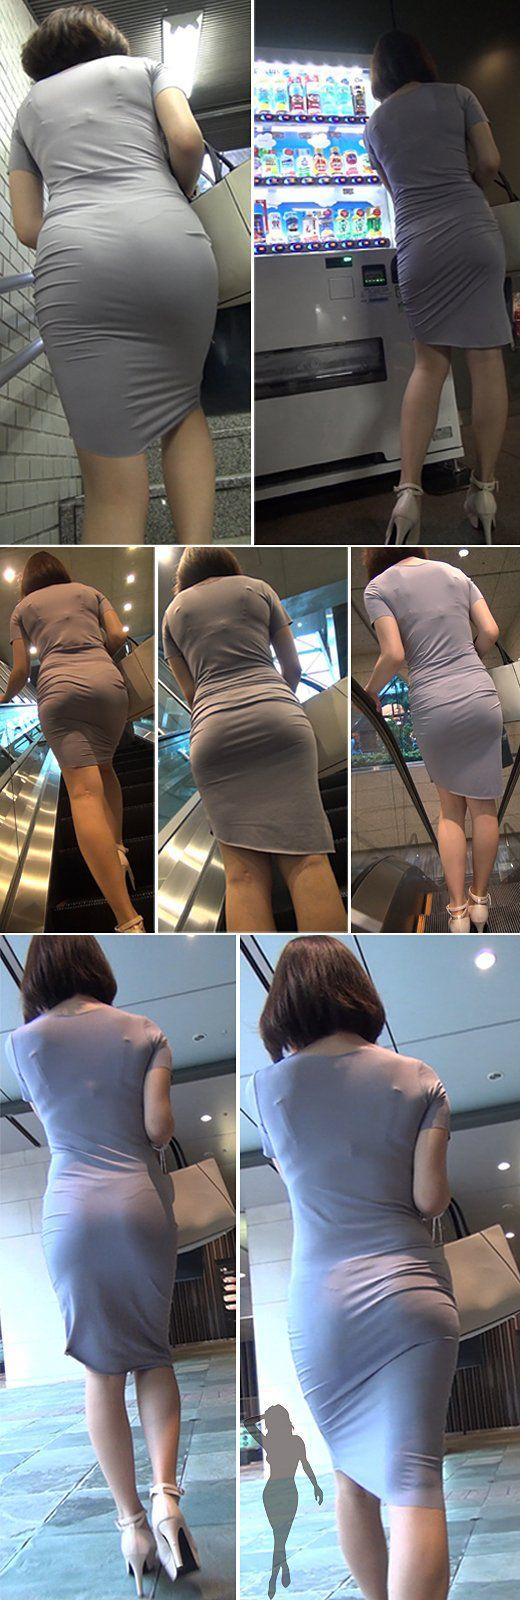 パンツ姿の女の子に股間がもっこりするスレwwwwwwwwwwwwwwwwwww 0cec91c180a7cad8e20c16f709721d18